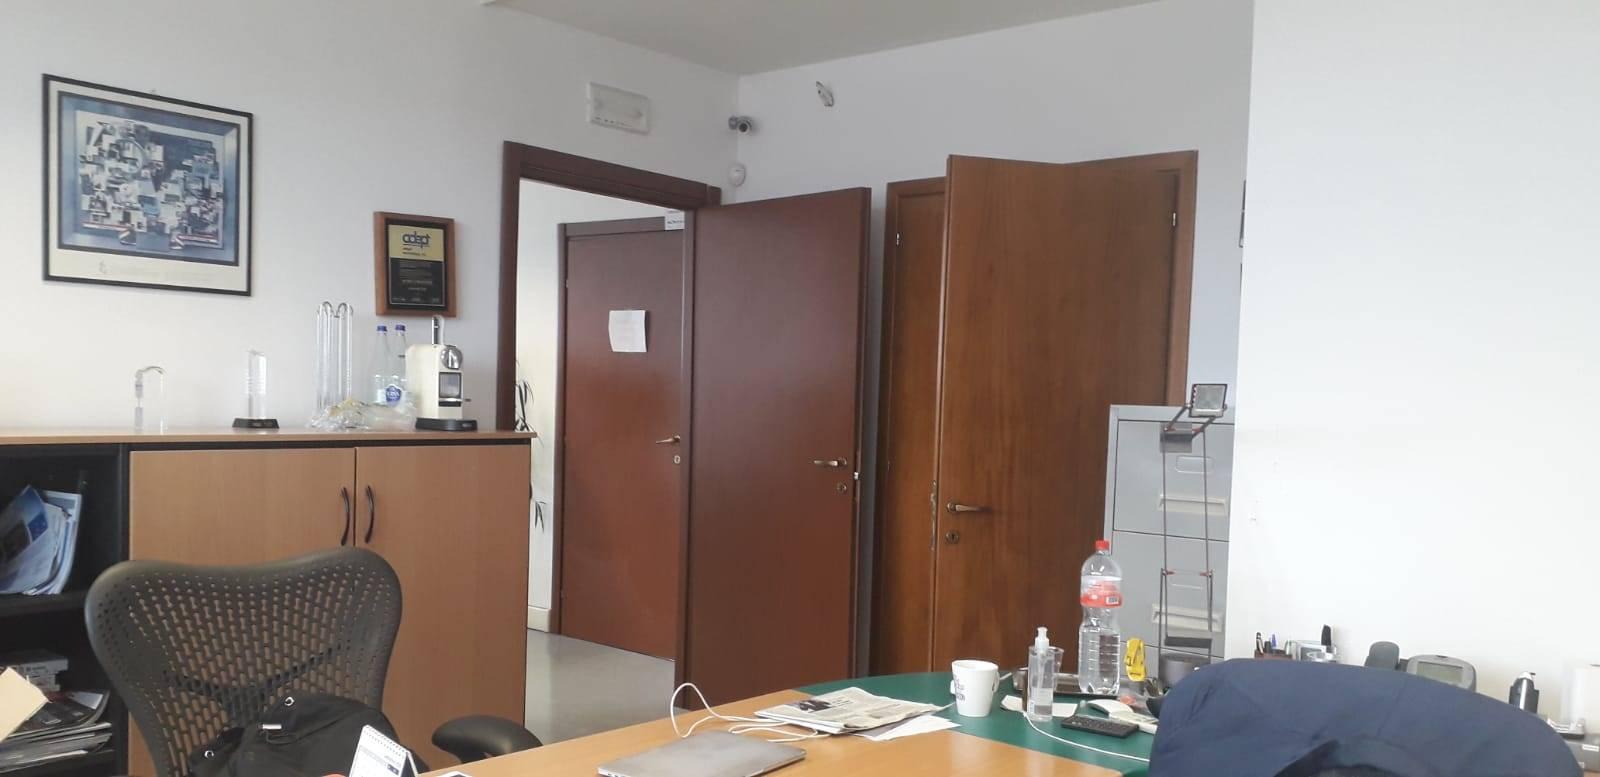 In zona commerciale di Via Calamandrei, locale commerciale/artigianale posto al piano terra e composto da locale ad uso laboratorio, uffici, 4 bagni